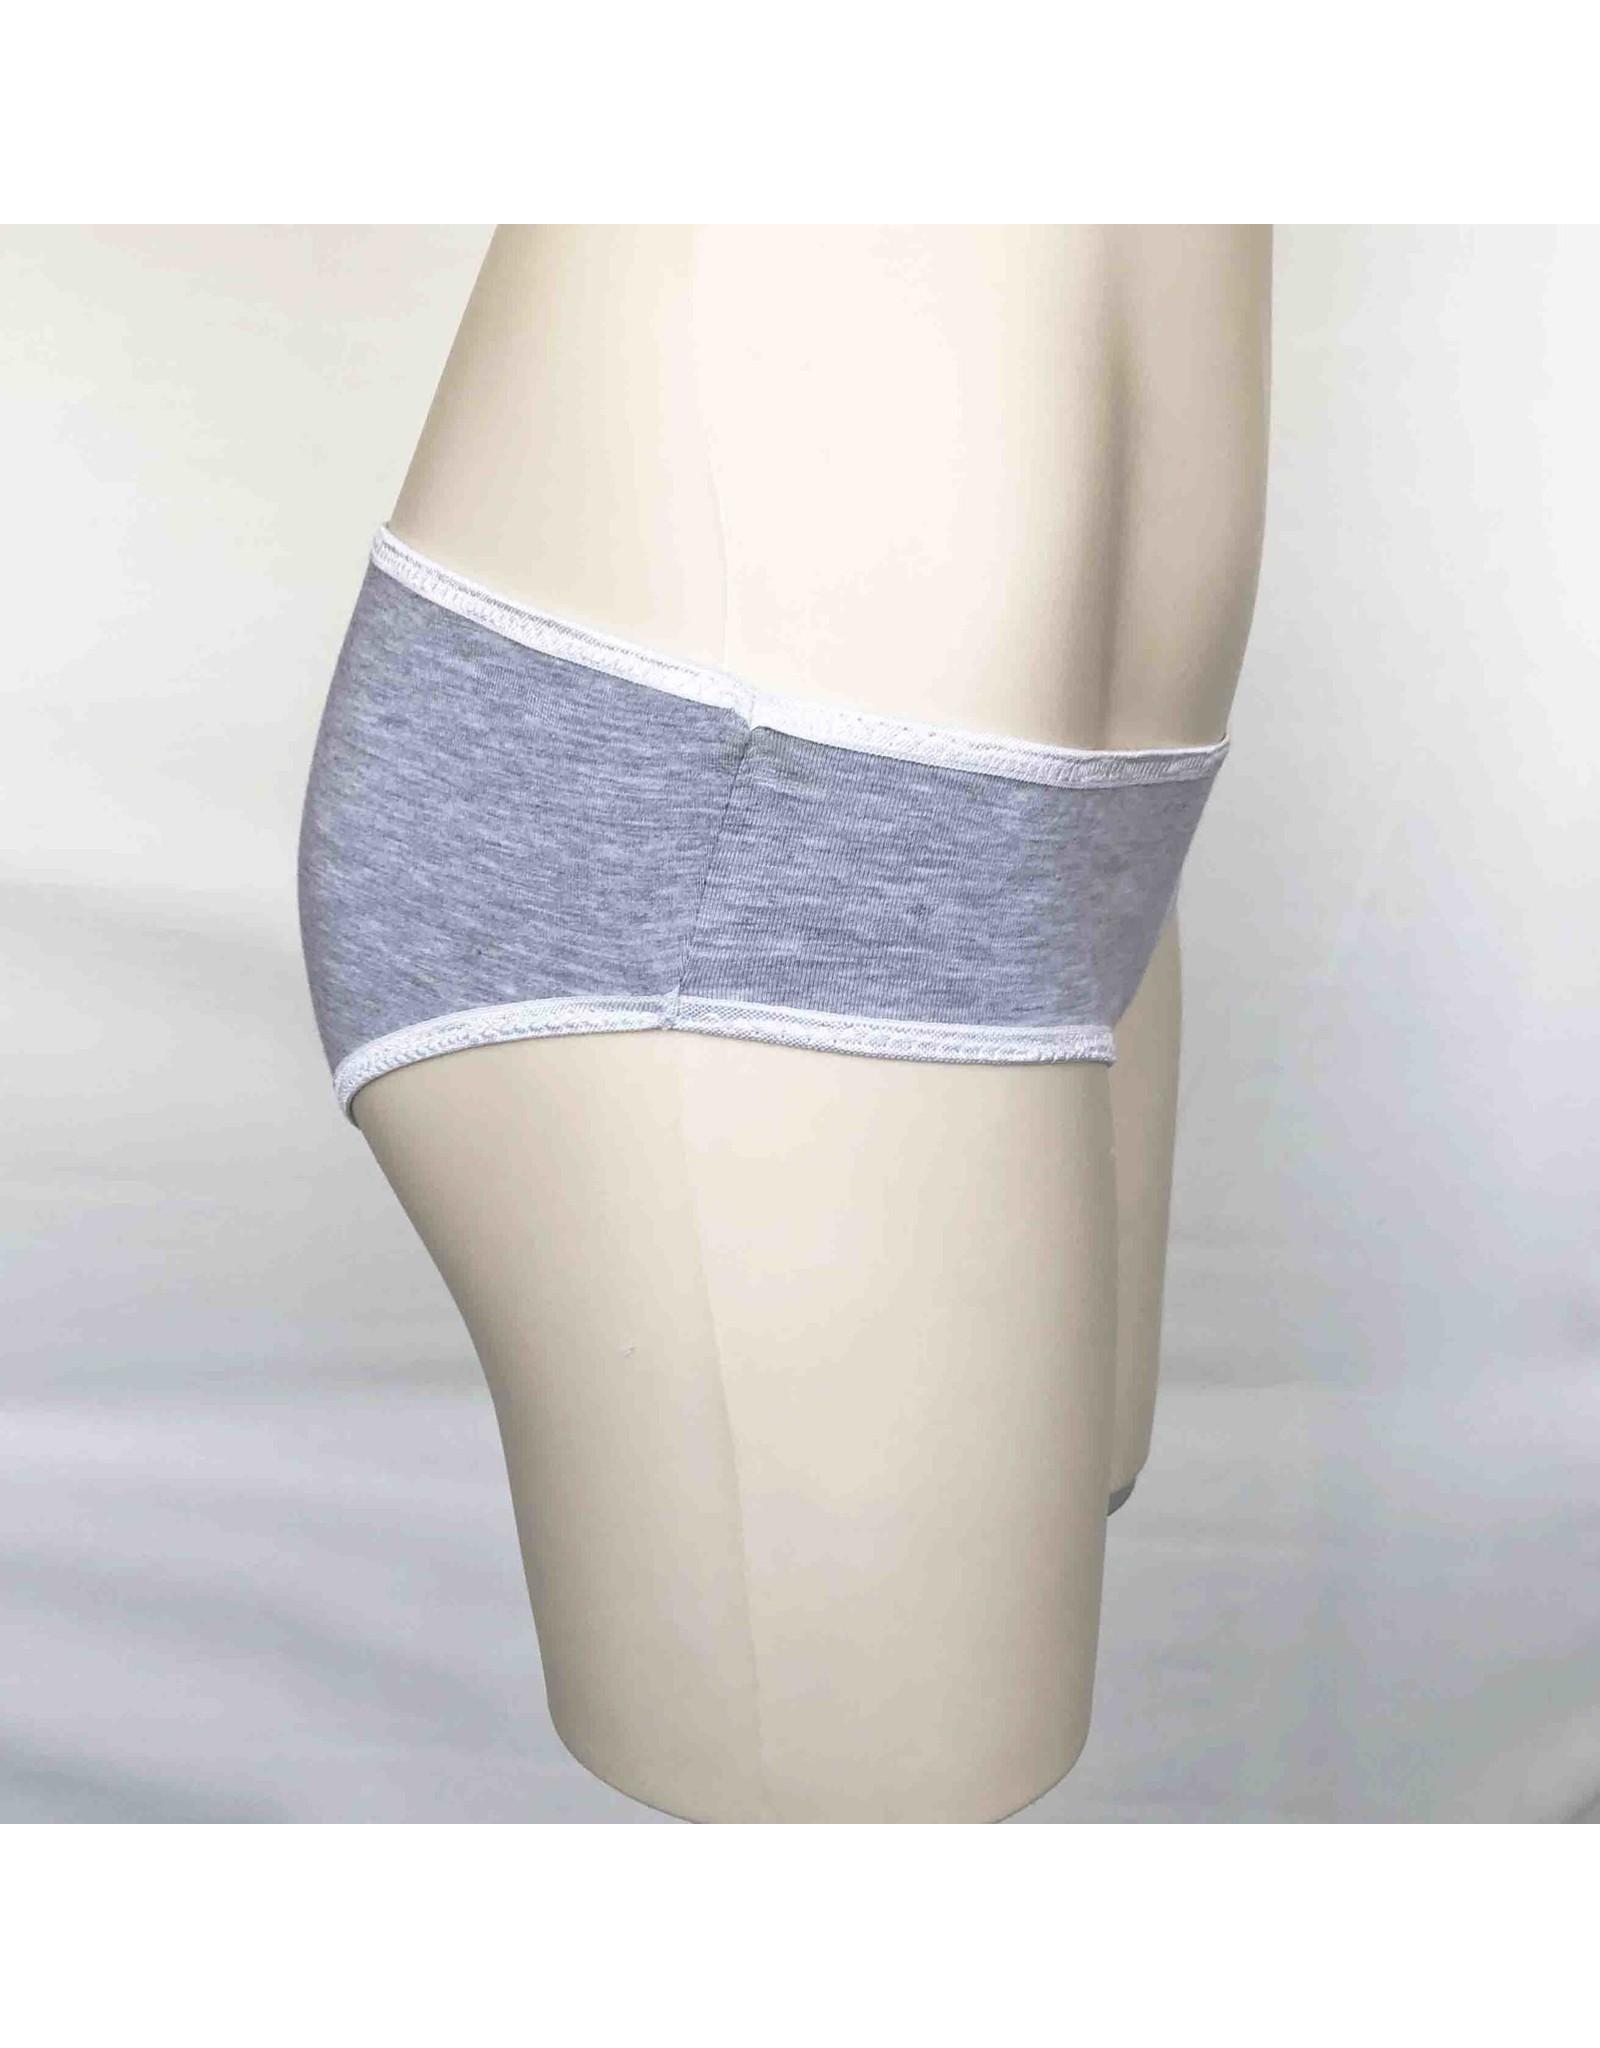 Devil May Wear Basic Bikini Cut Underwear. Bamboo Blend. Light Grey Mix